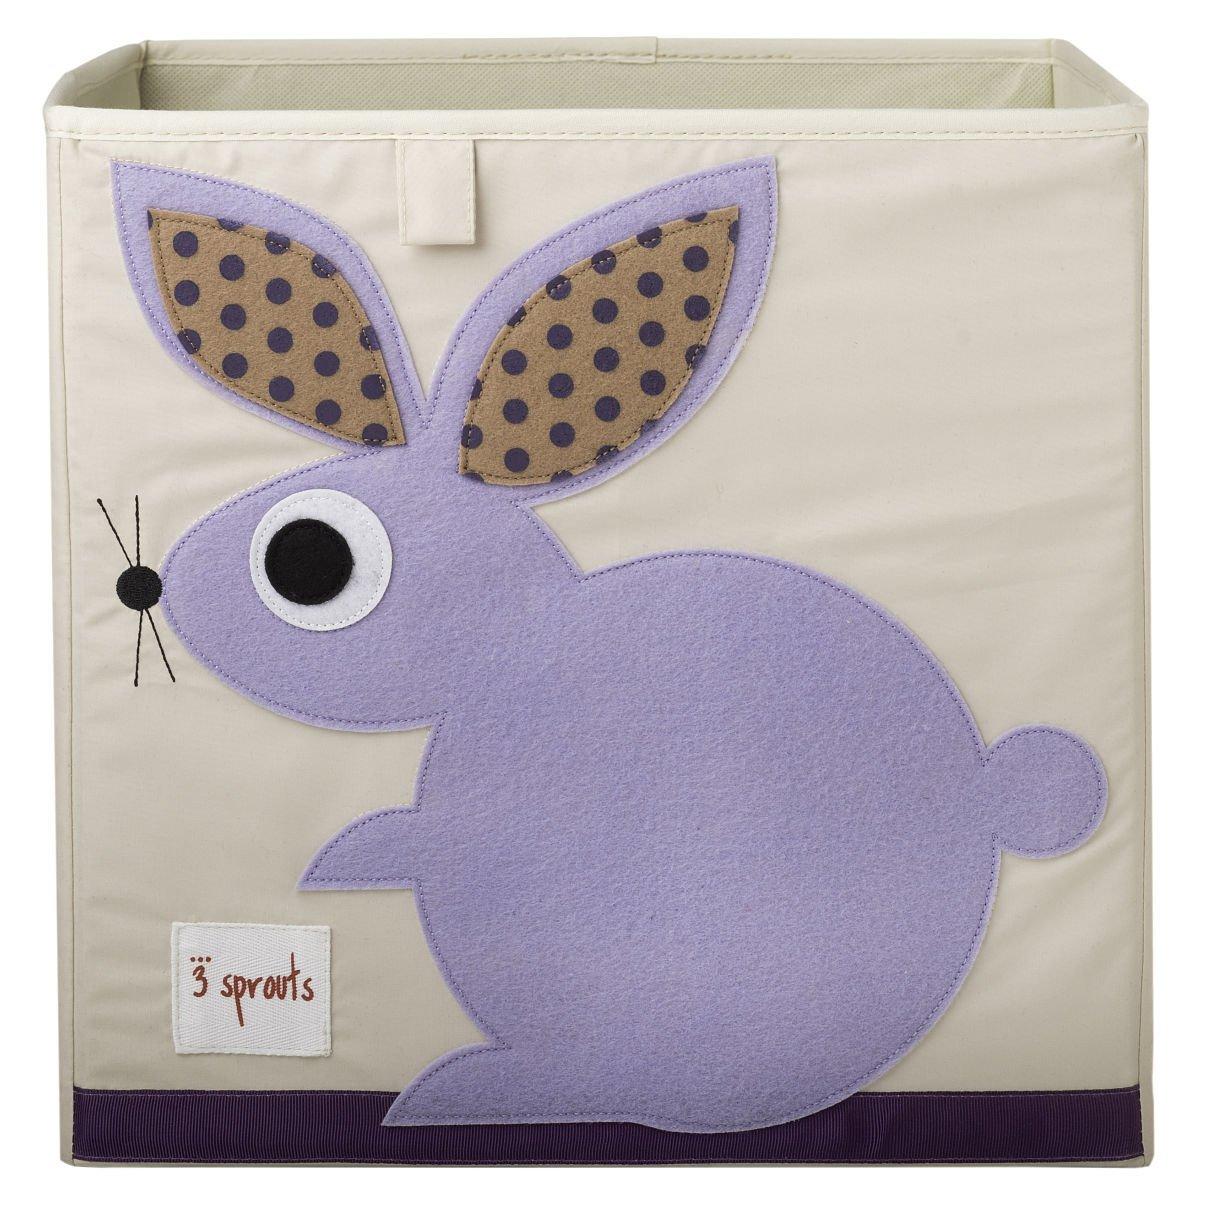 加拿大 3 Sprouts 收納箱 紫色兔兔 *夏日微風*